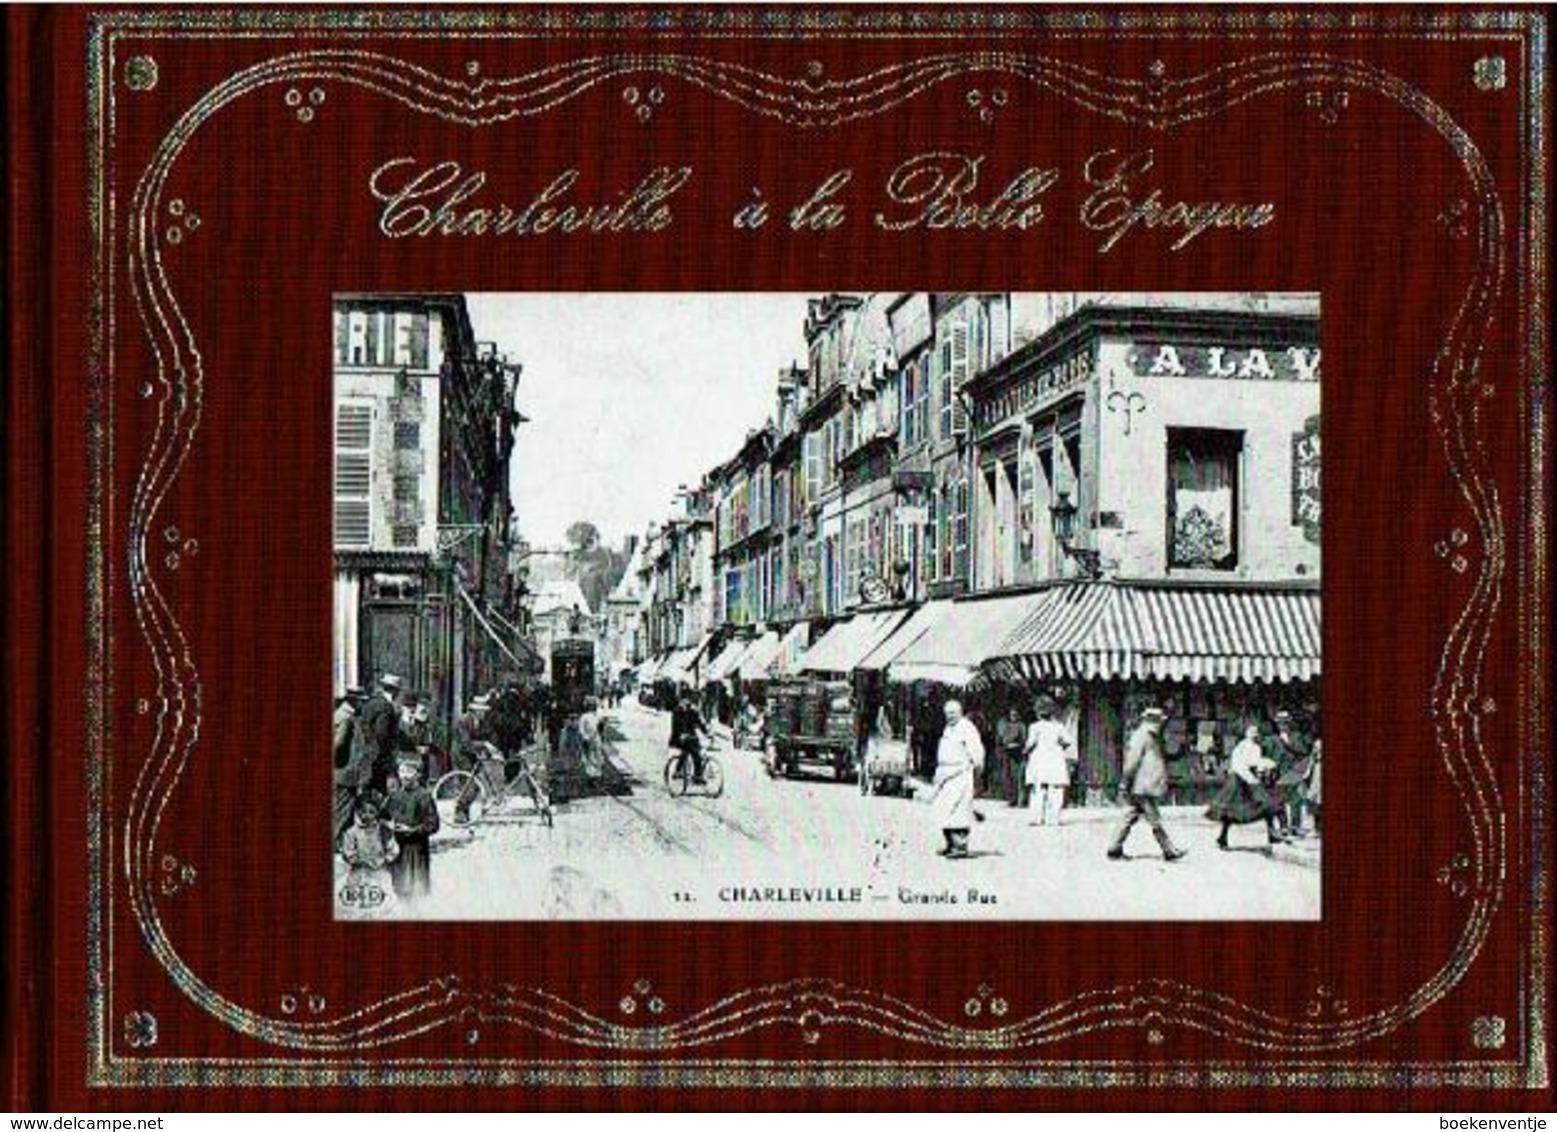 Charleville à La Belle Epoque - Livres, BD, Revues